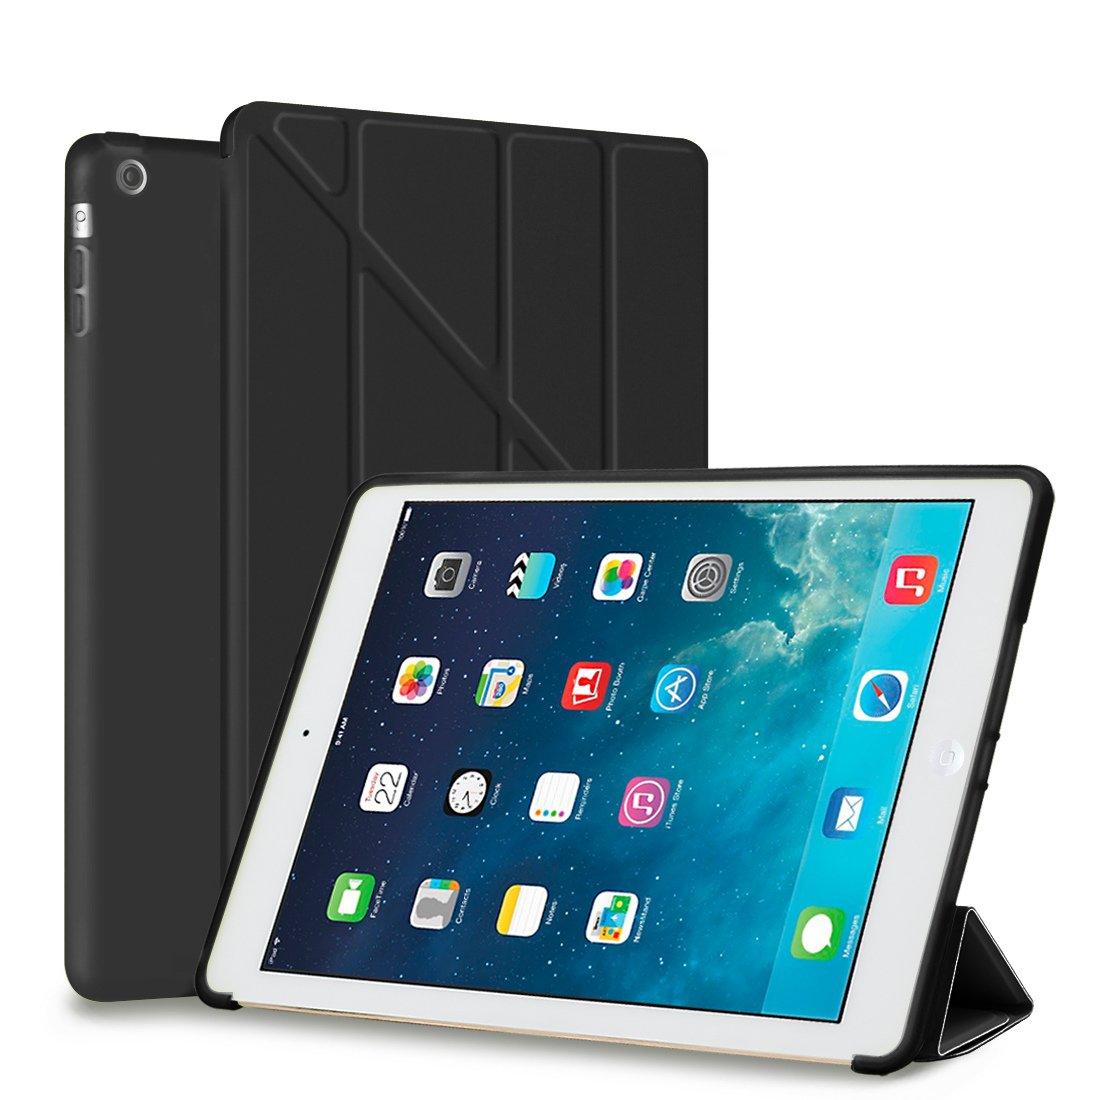 iPad Air Coque, Goojodoq Smart Cover avec Soft Back [Ultra fin Cuir PU Support de multiples angles de Transformers] [] résistant aux chocs de protection en silicone translucide Shell pour Apple iPad Air 1(iPad 5) avec fonction veille/réveil automatique Fo